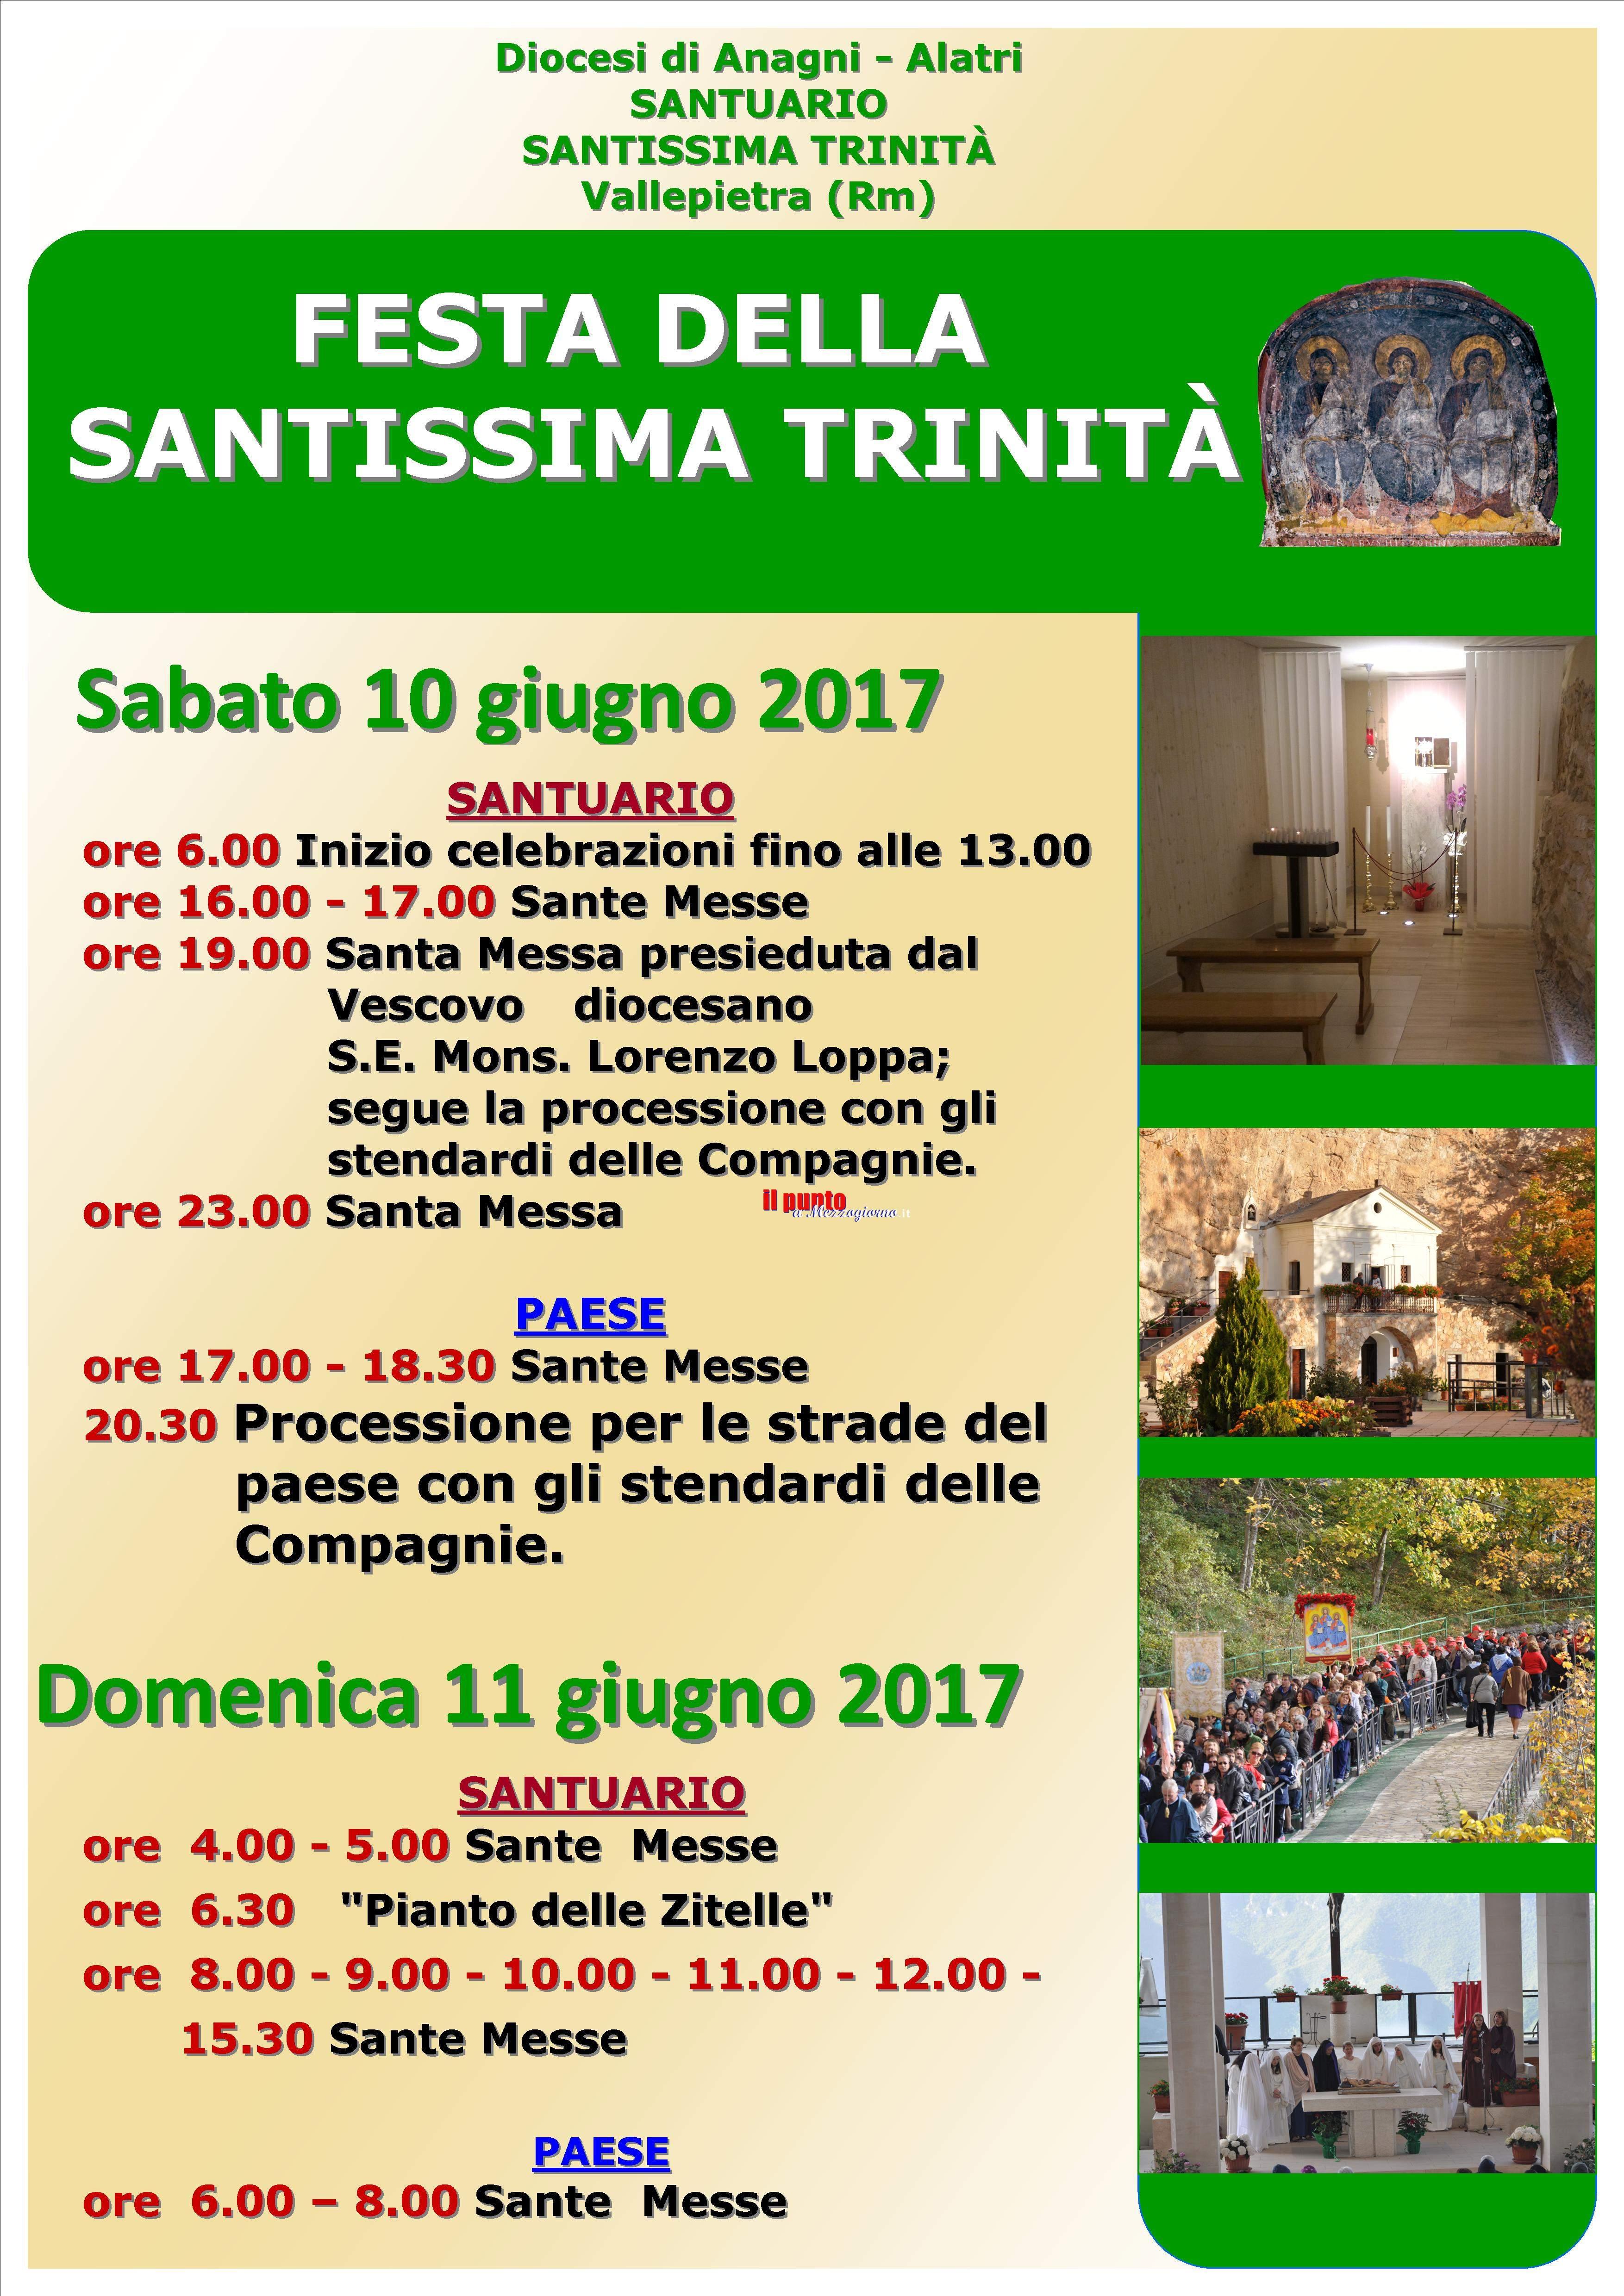 Vallepietra- Attesa per la festività della Santissima Trinità. Previsti in due giorni 30.000 fedeli